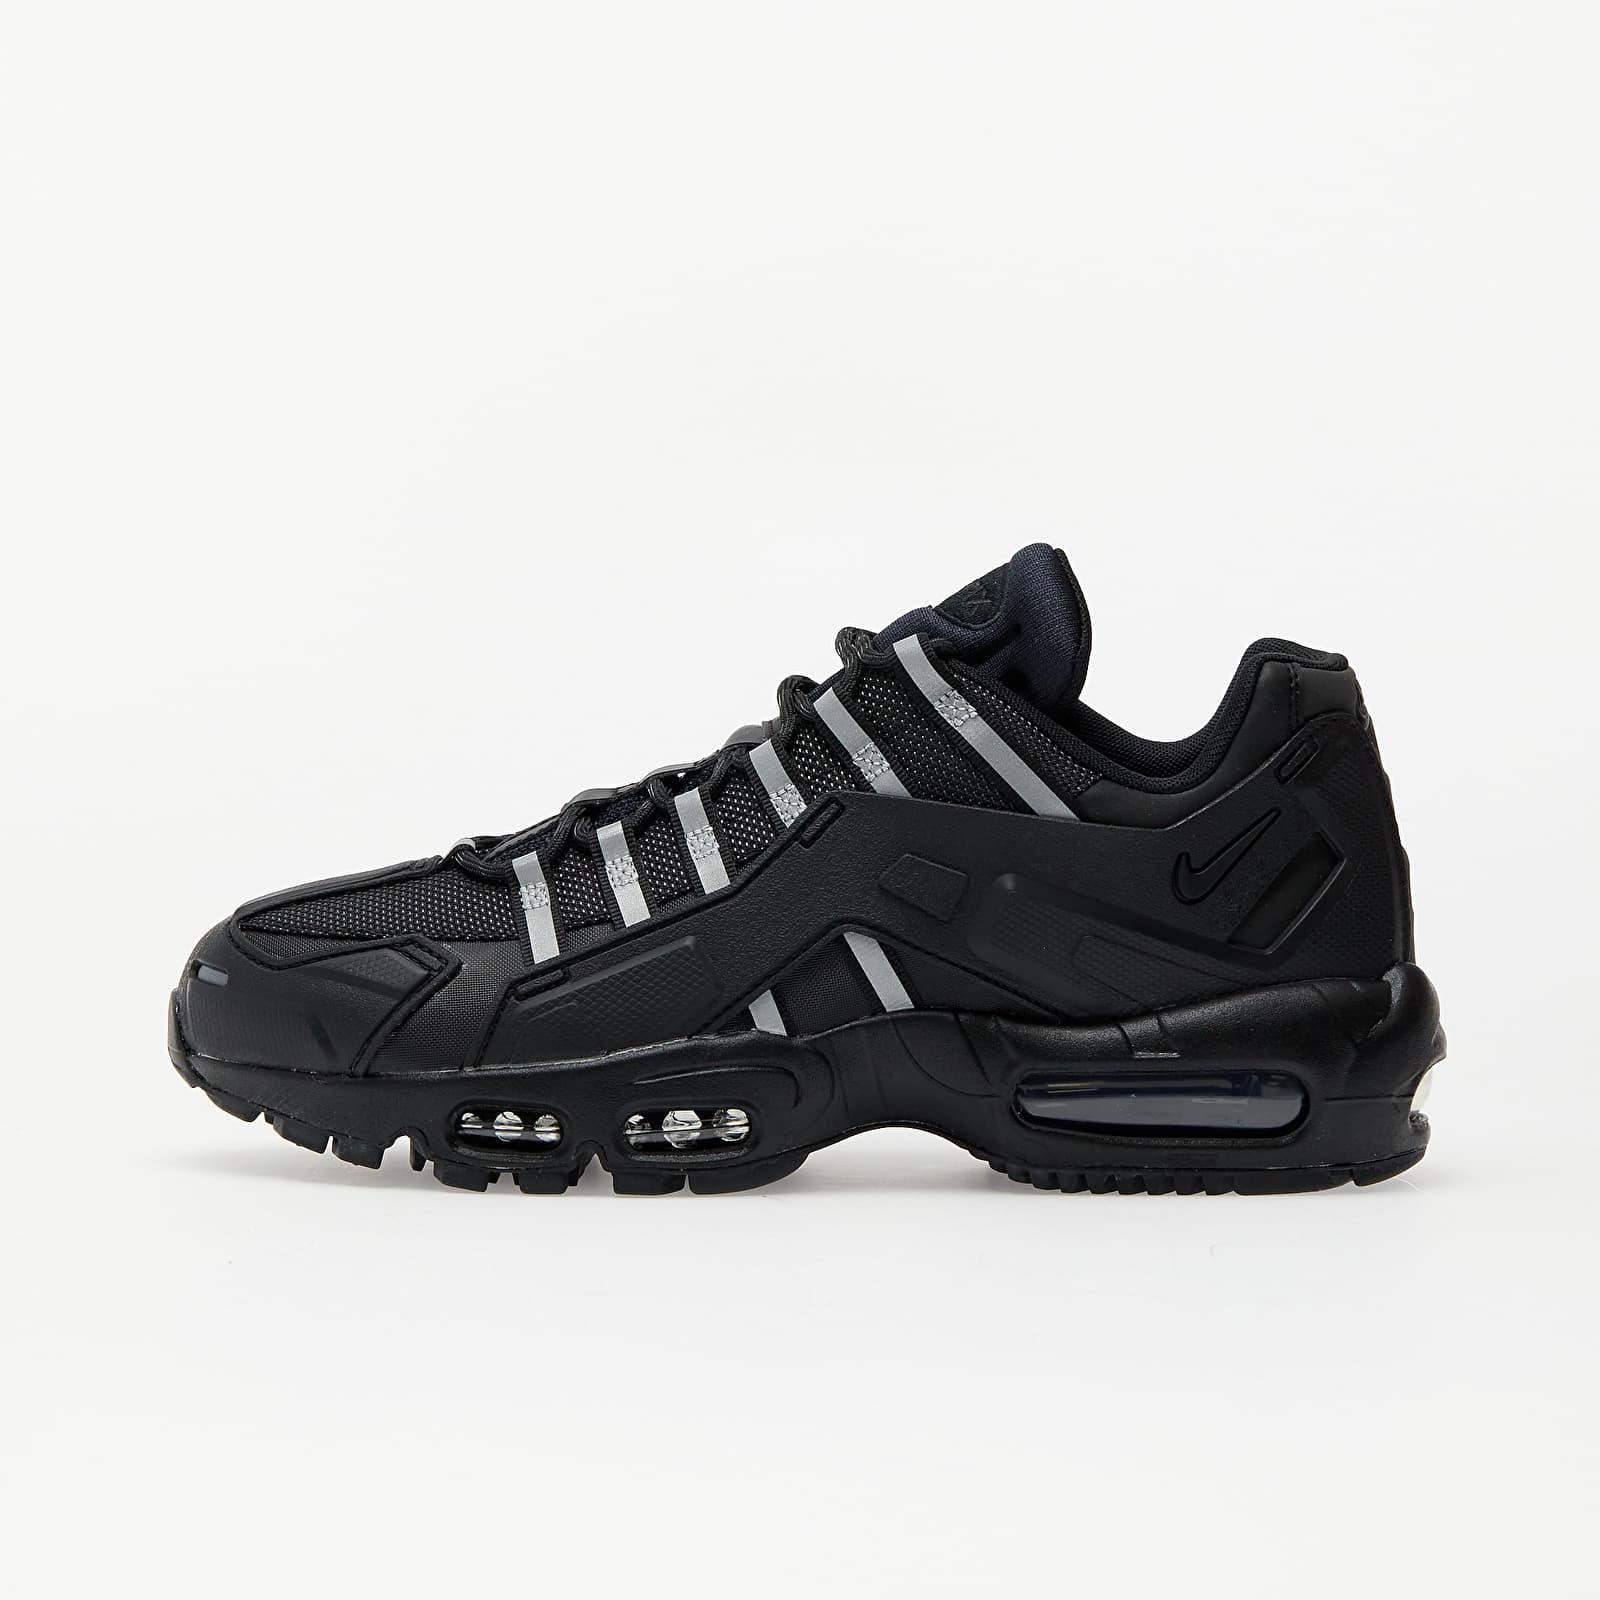 Nike Air Max 95 Ndstrkt Black/ Black-Black EUR 42